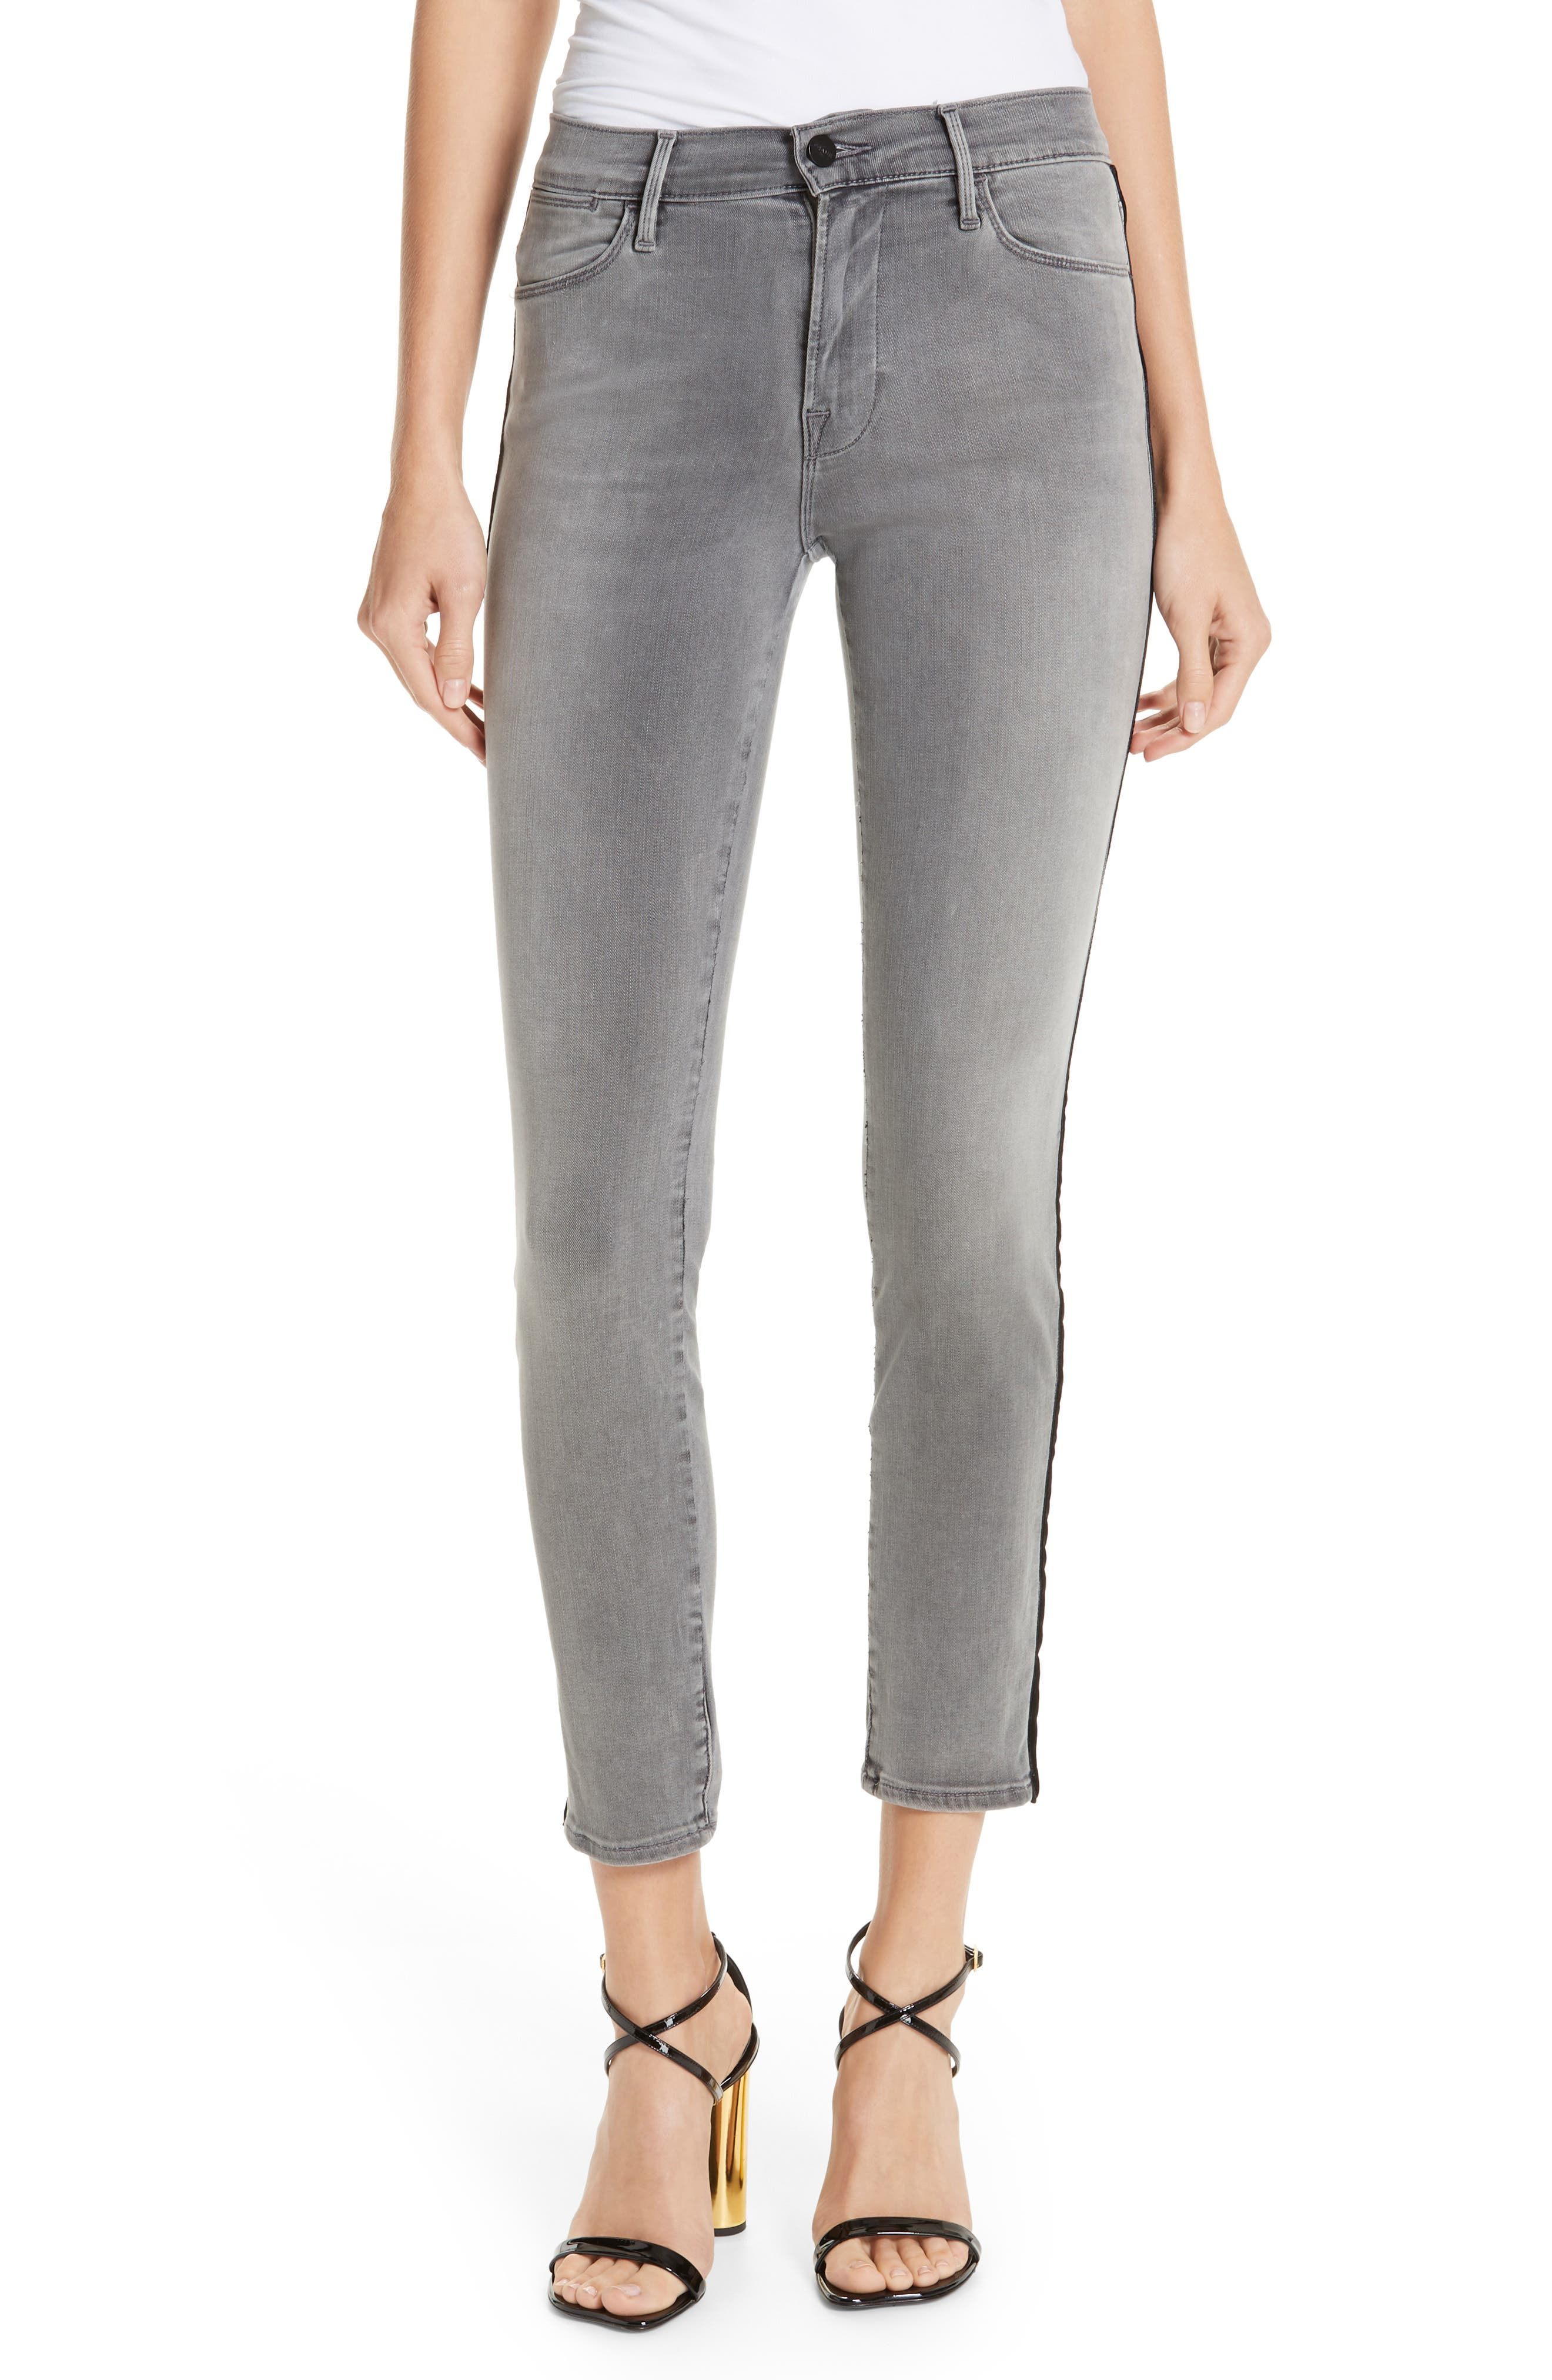 Le High Velvet Tuxedo Stripe Ankle Skinny Jeans,                             Main thumbnail 1, color,                             GRIMES